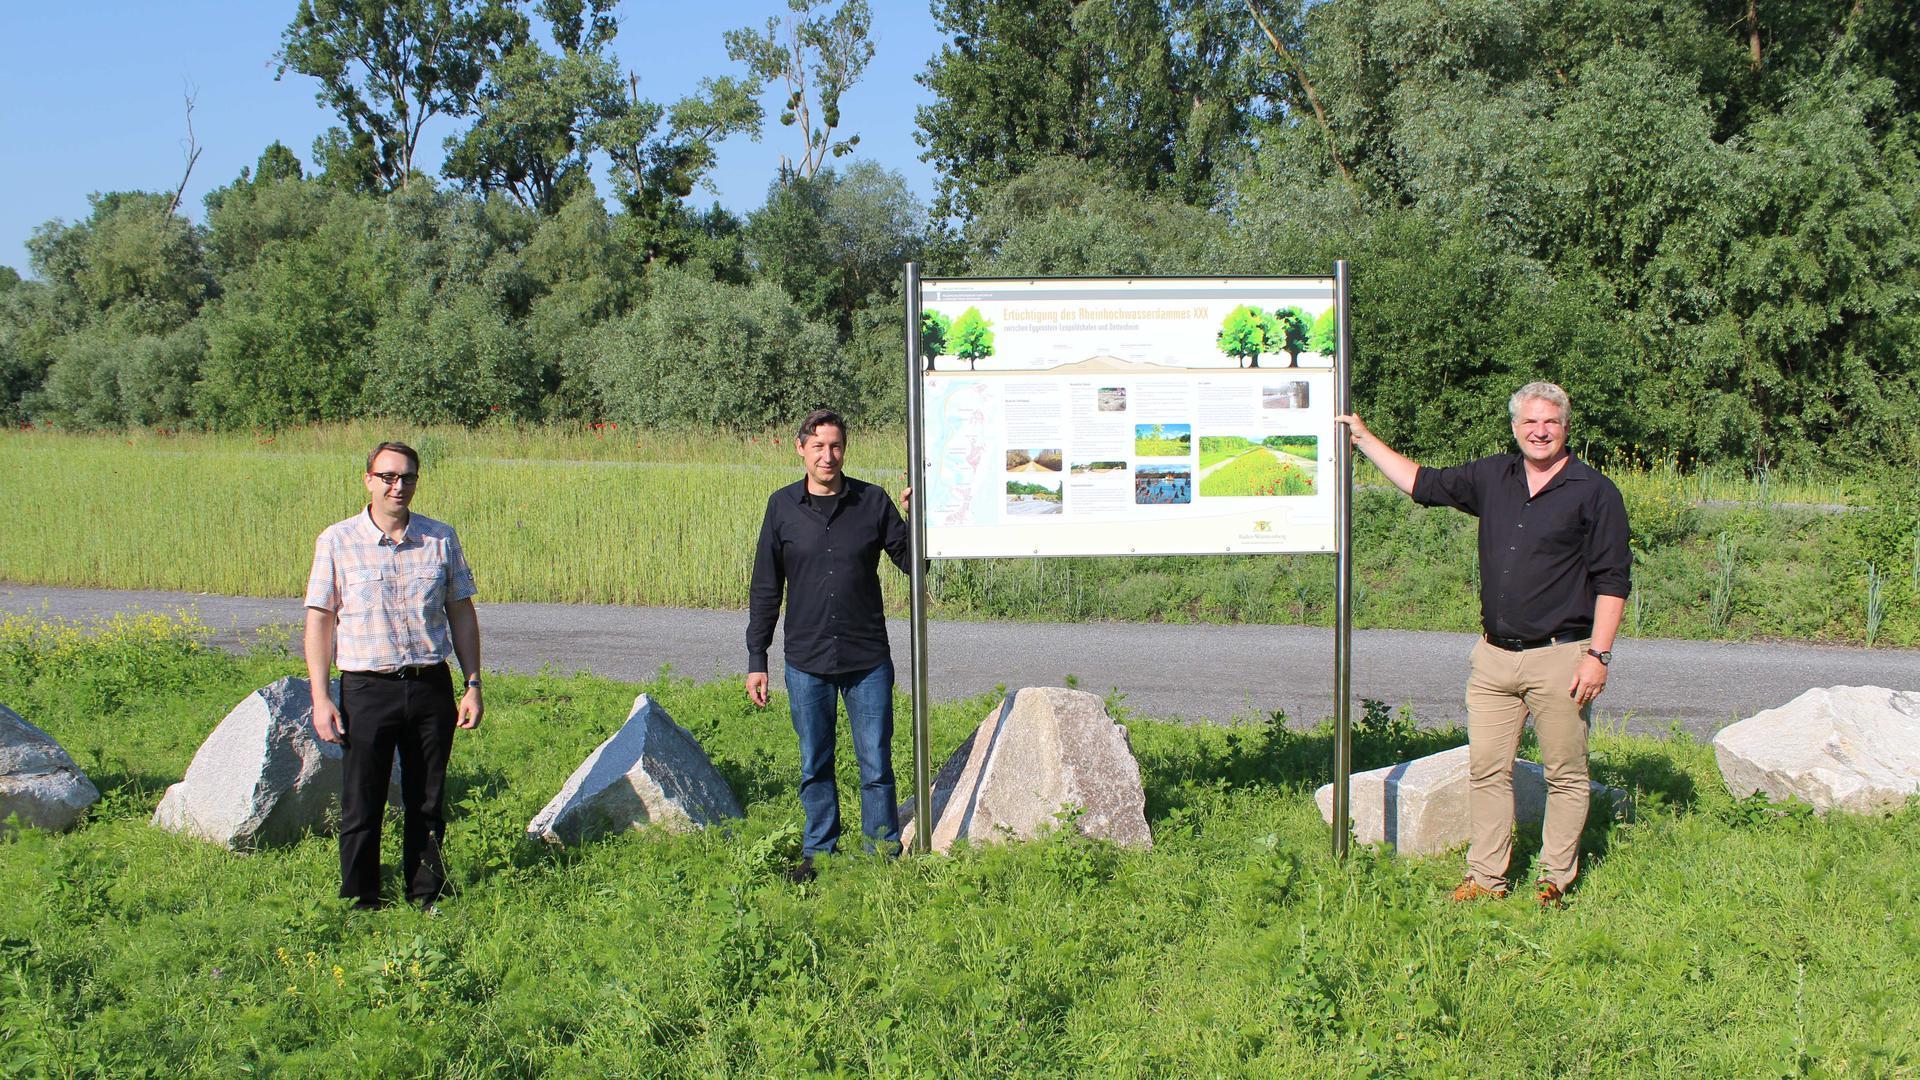 Peter Schneider, Referatsleiter Gewässer des RP Karlsruhe, Jens Teege (Projektleiter), Sascha Lichtenberger (Projetbearbeiter) stehen neben dem Schild, das Spaziergänger über den Hochwasserdamm informiert.